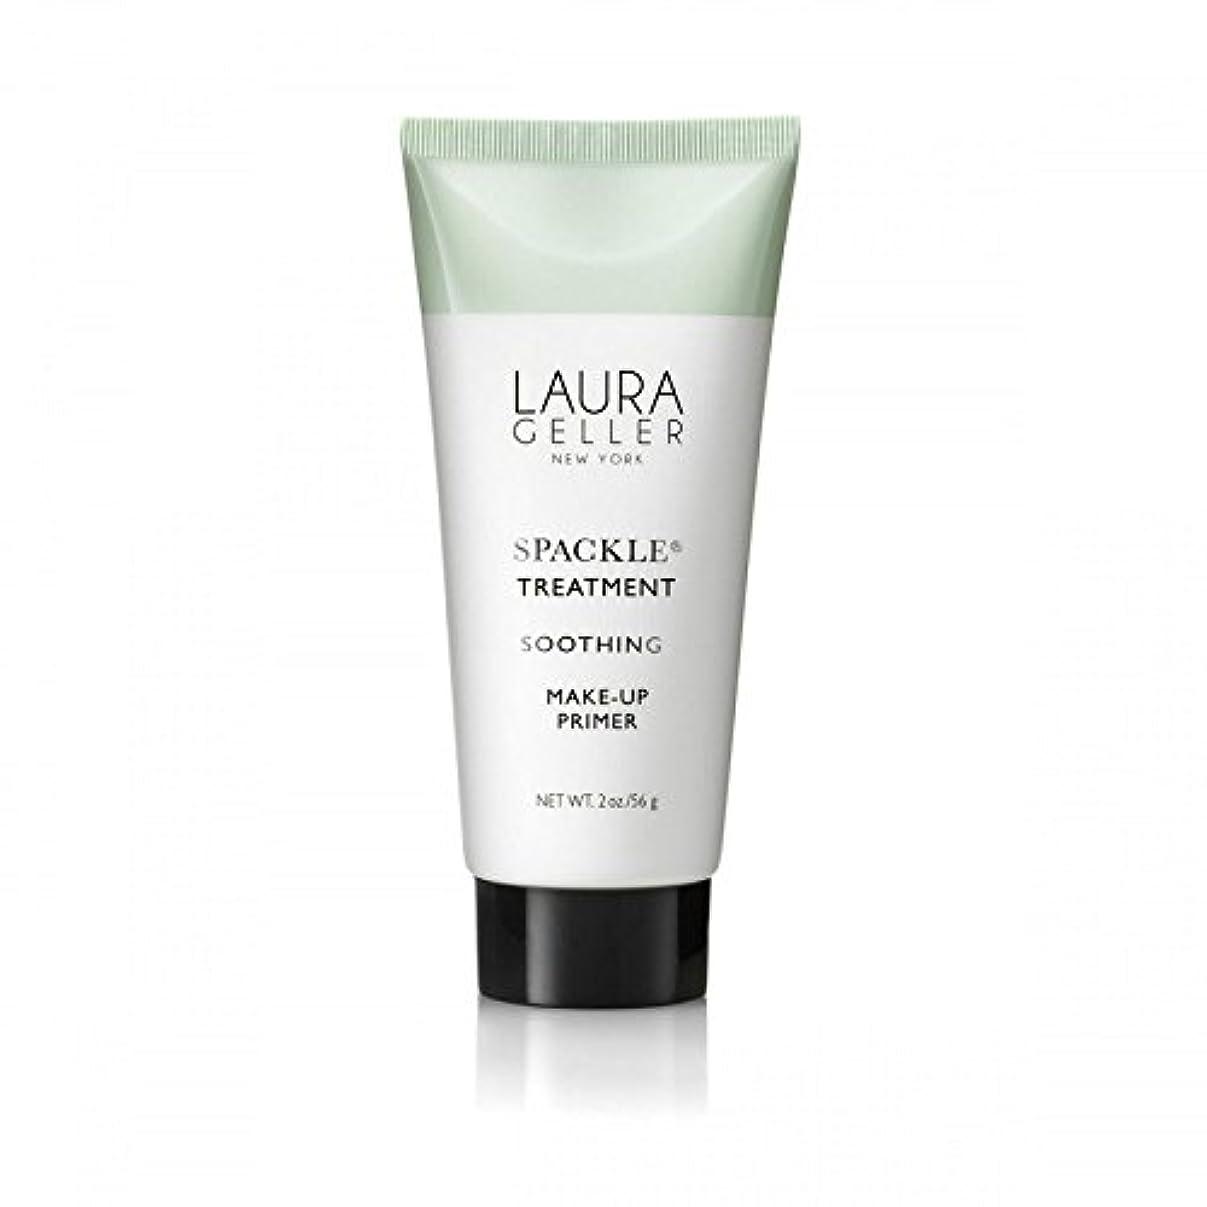 散髪電気それメイクアッププライマー癒しの下のローラ?ゲラー 処理 x2 - Laura Geller Spackle Treatment Under Make-Up Primer Soothing (Pack of 2) [並行輸入品]